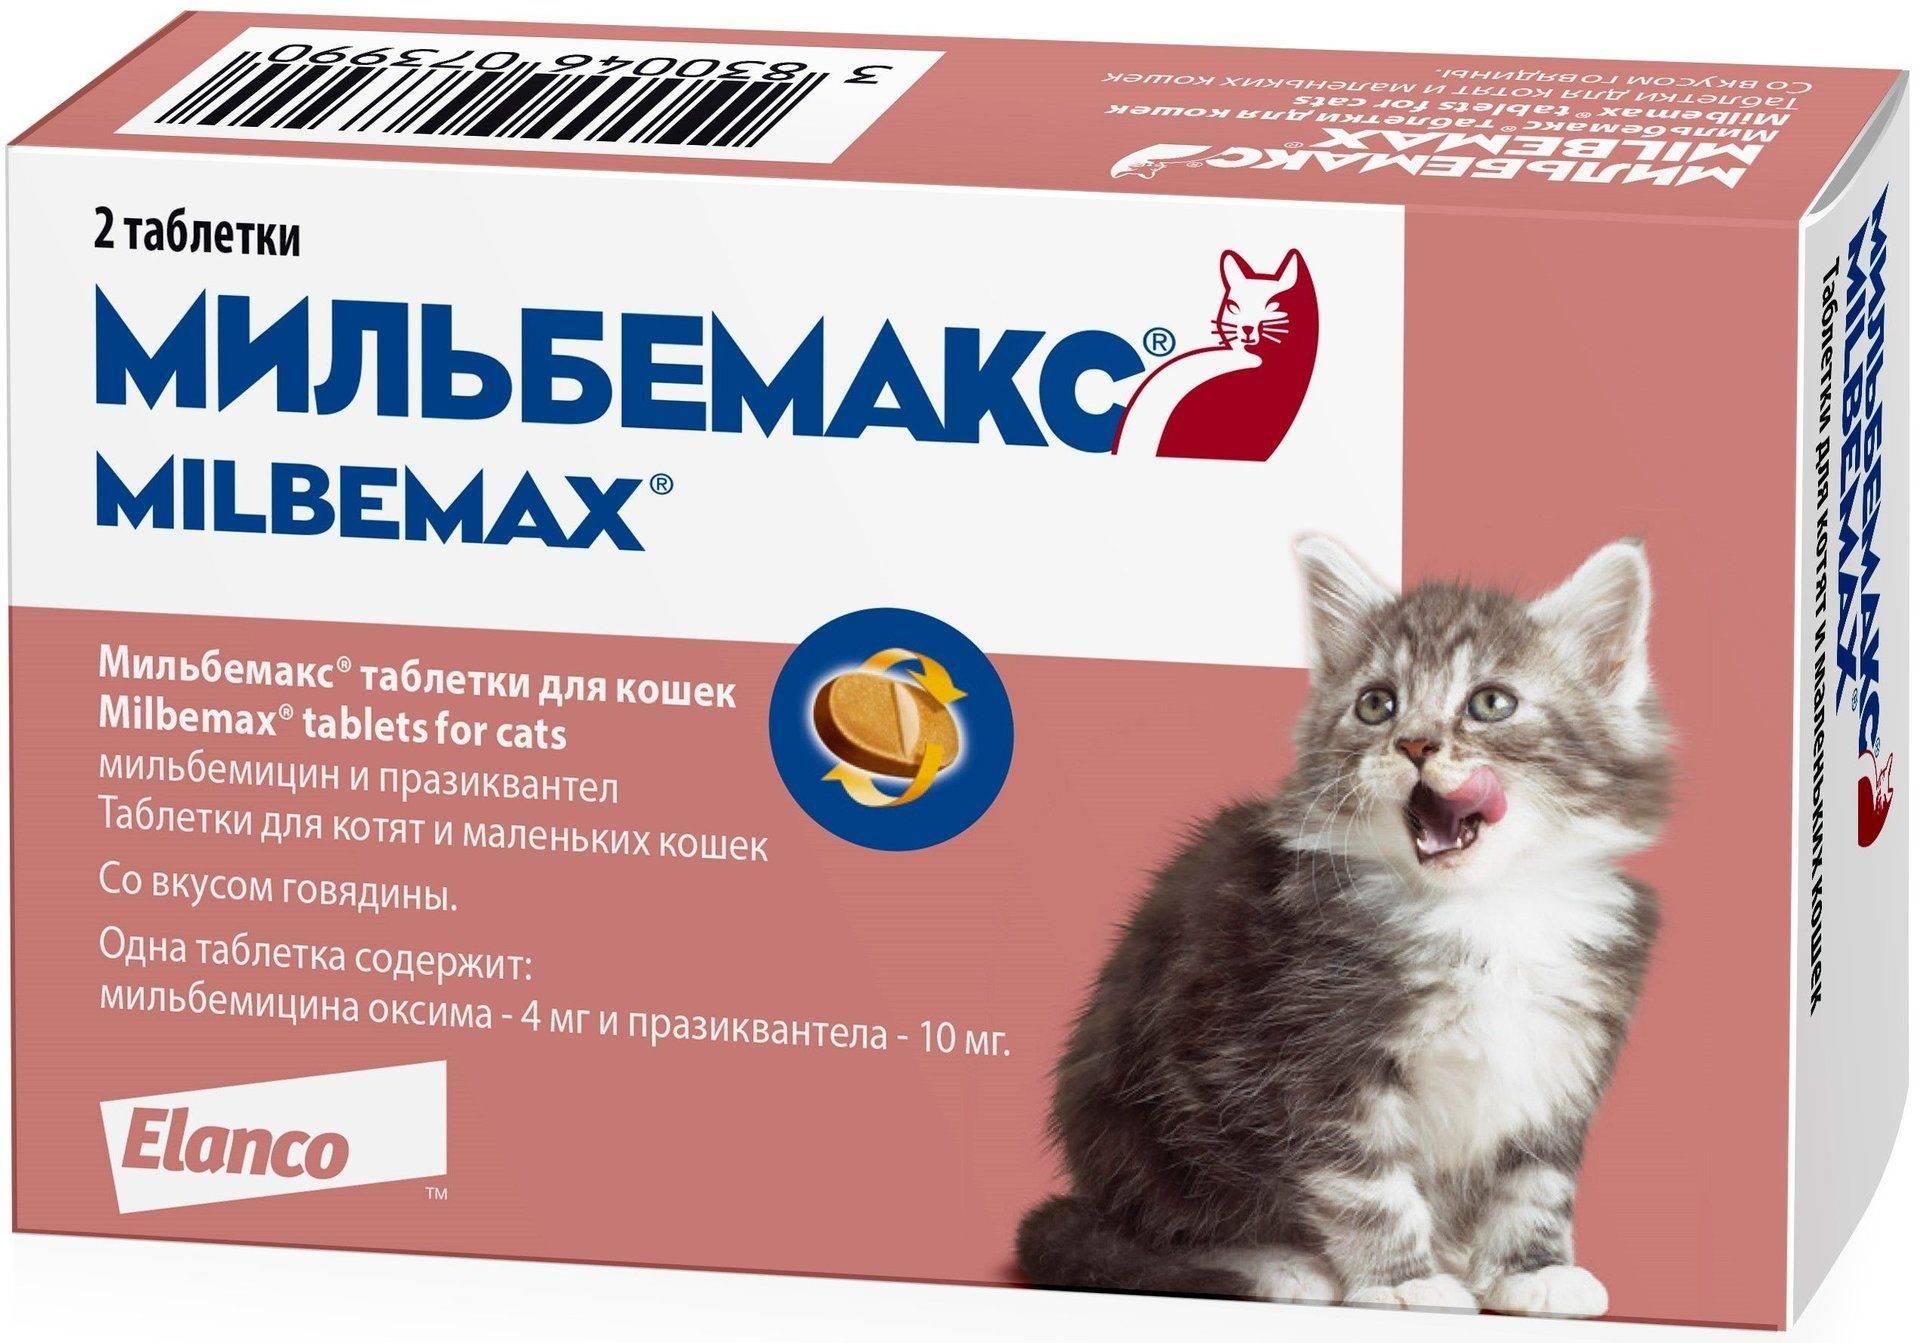 Мильбемакс для кошек: инструкция по применению, отзывы ветеринаров